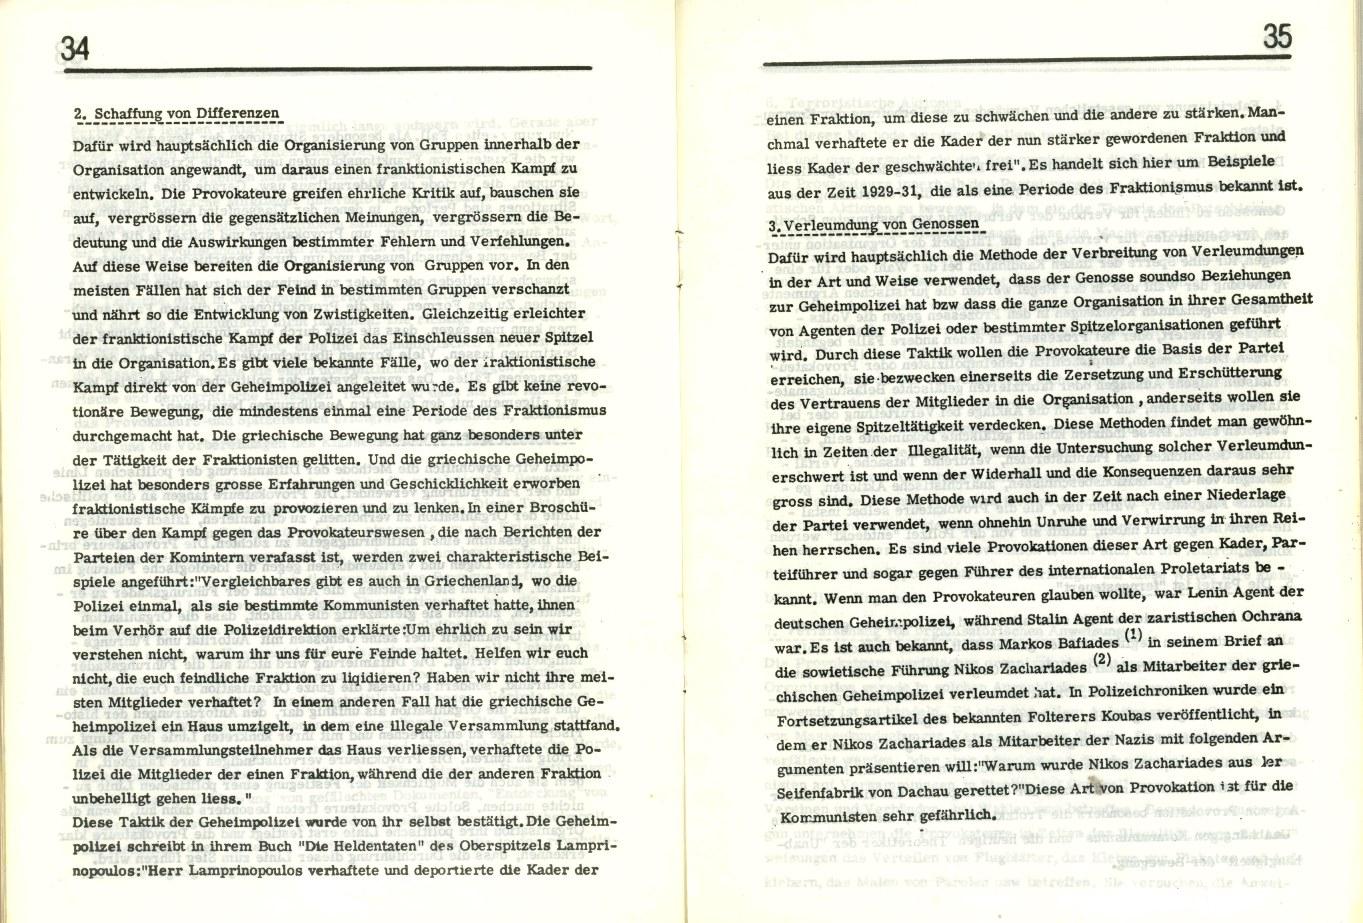 Griechenland_Griechische_ML_1971_Dokumente_01_18